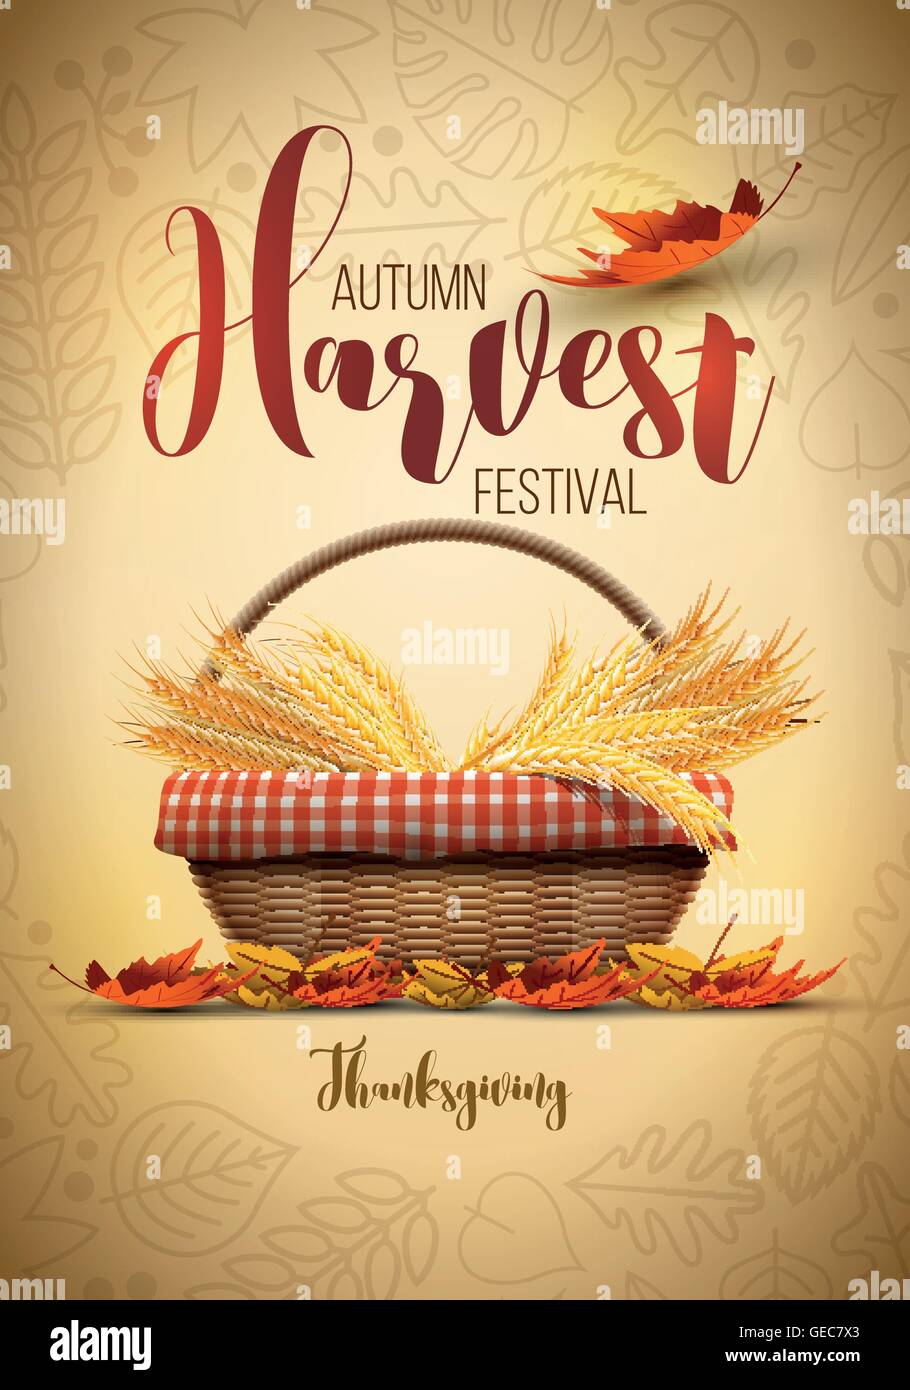 Vektor Herbst Erntefest Plakat Design-Vorlage. Elemente werden separat in Vektordatei geschichtet. Stock Vektor